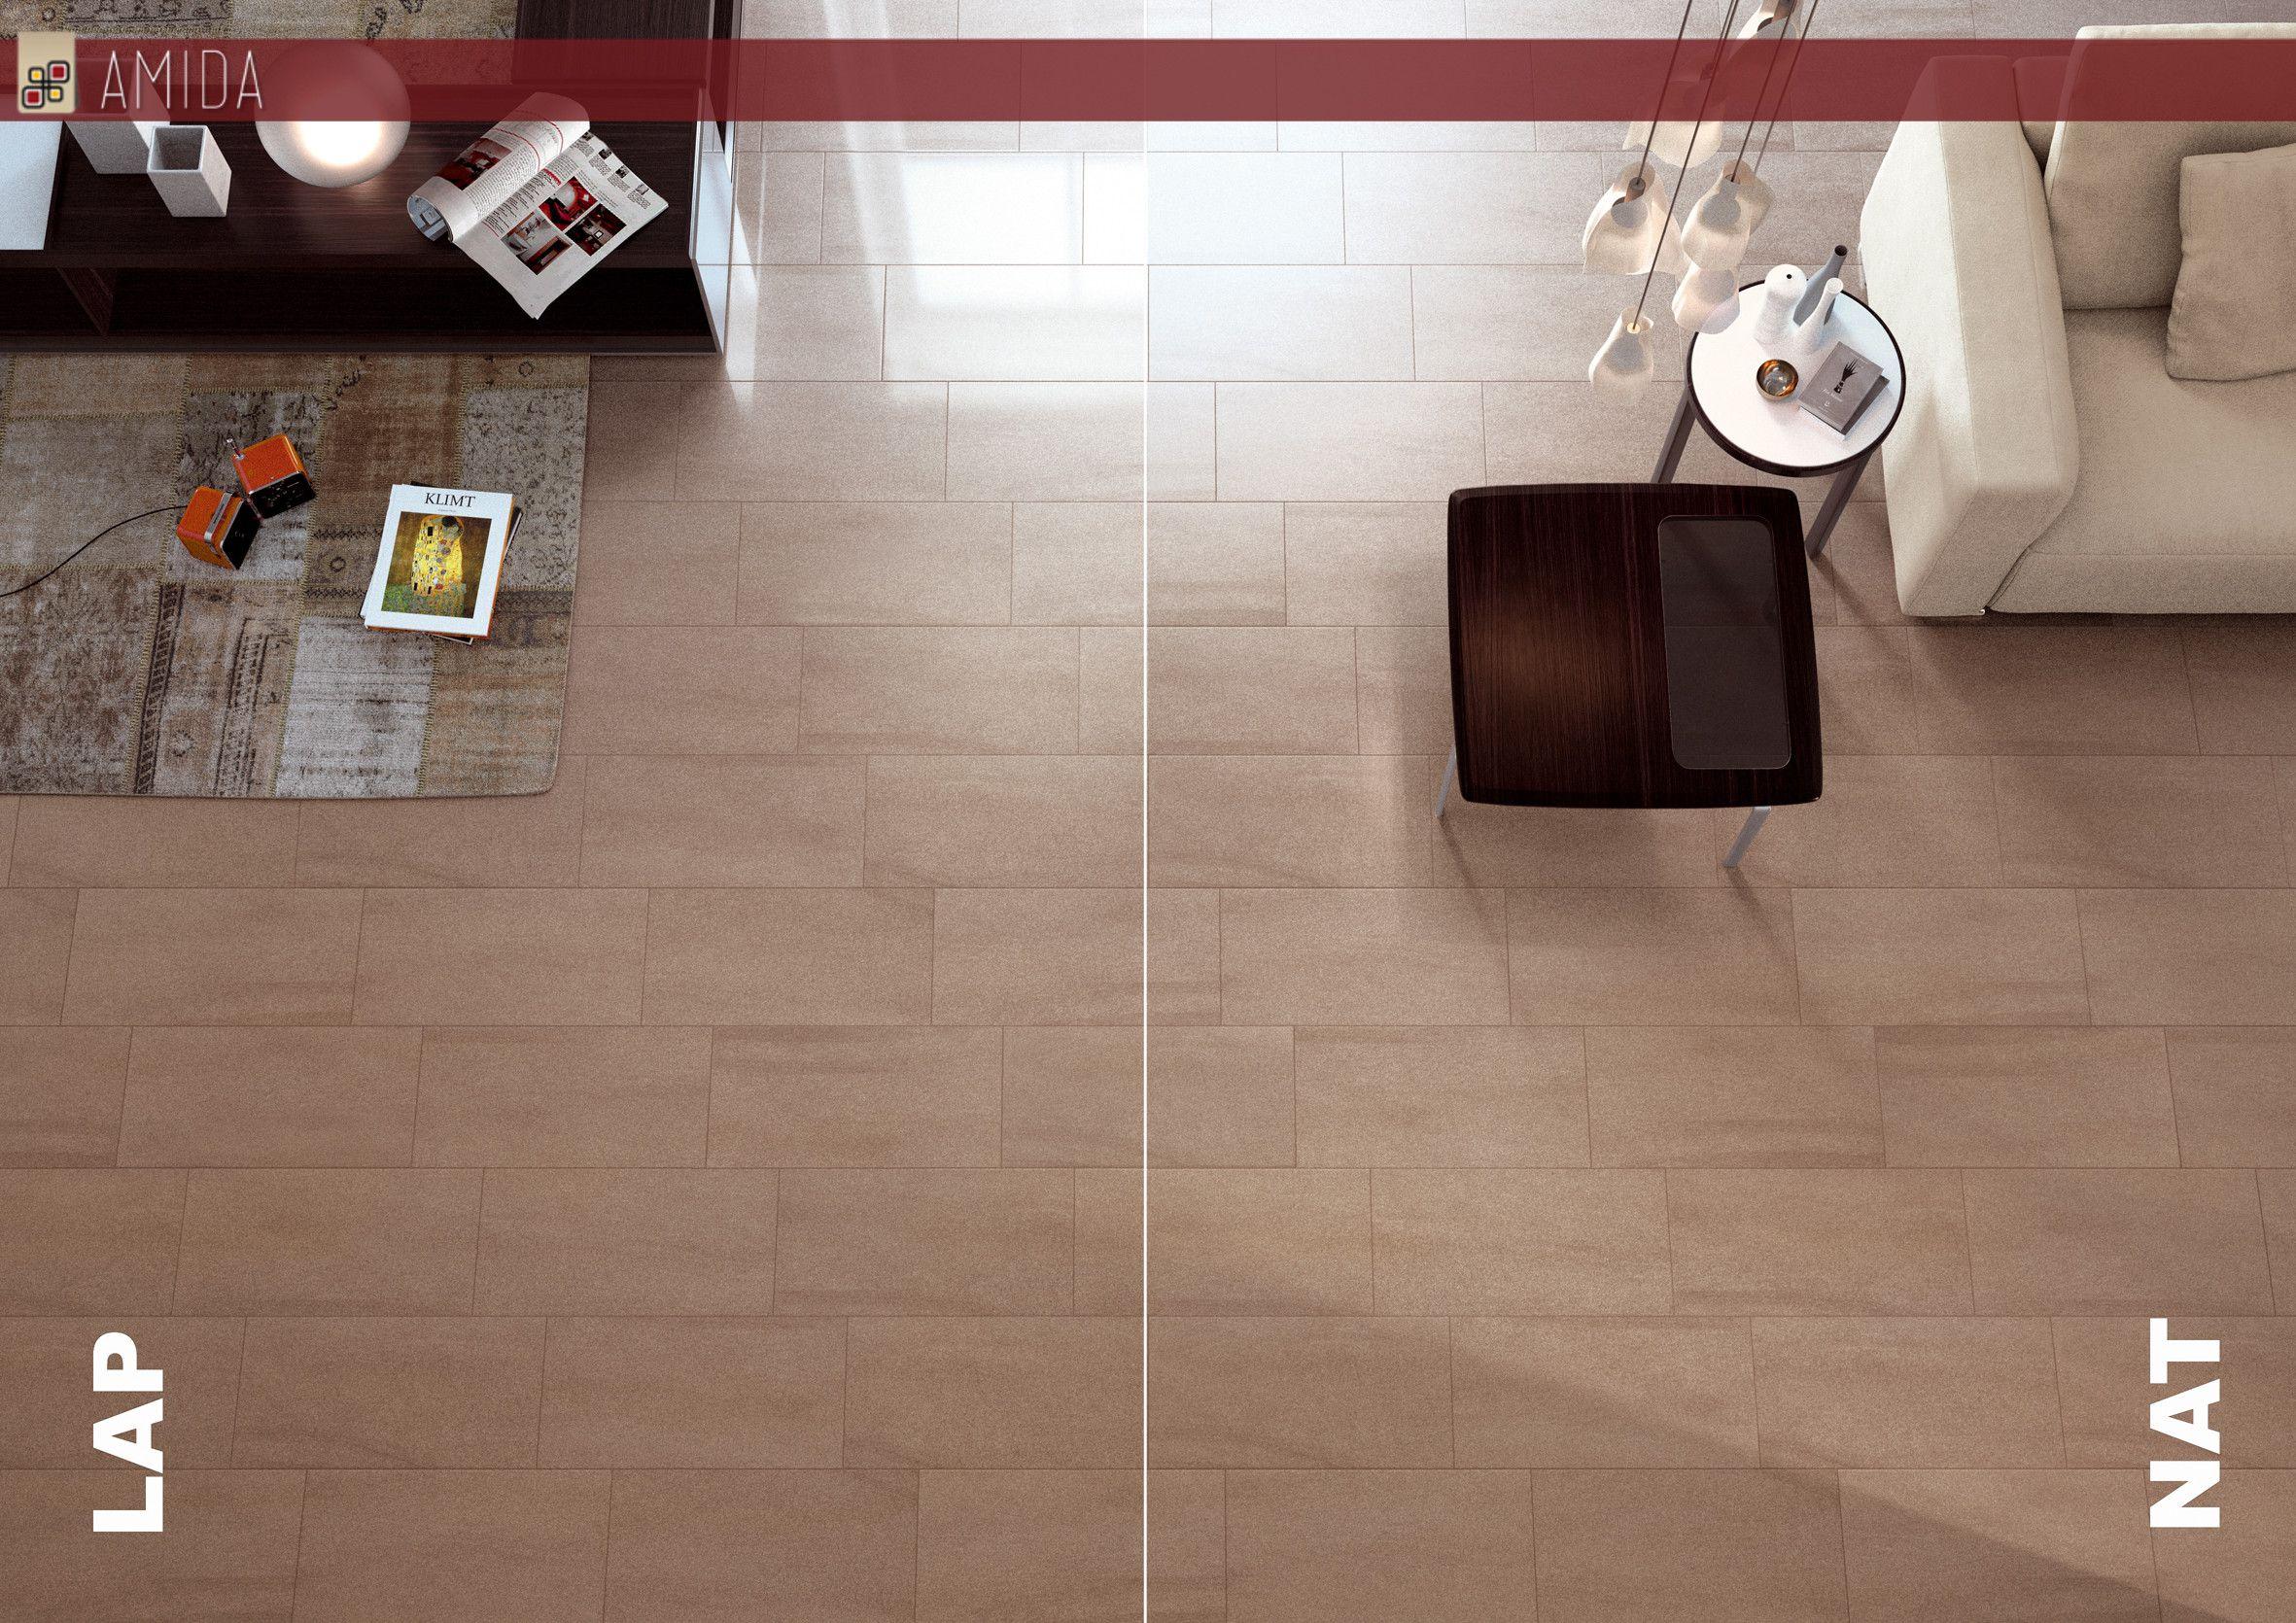 Come scegliere un pavimento? cosa vuol dire lappato? e naturale? con